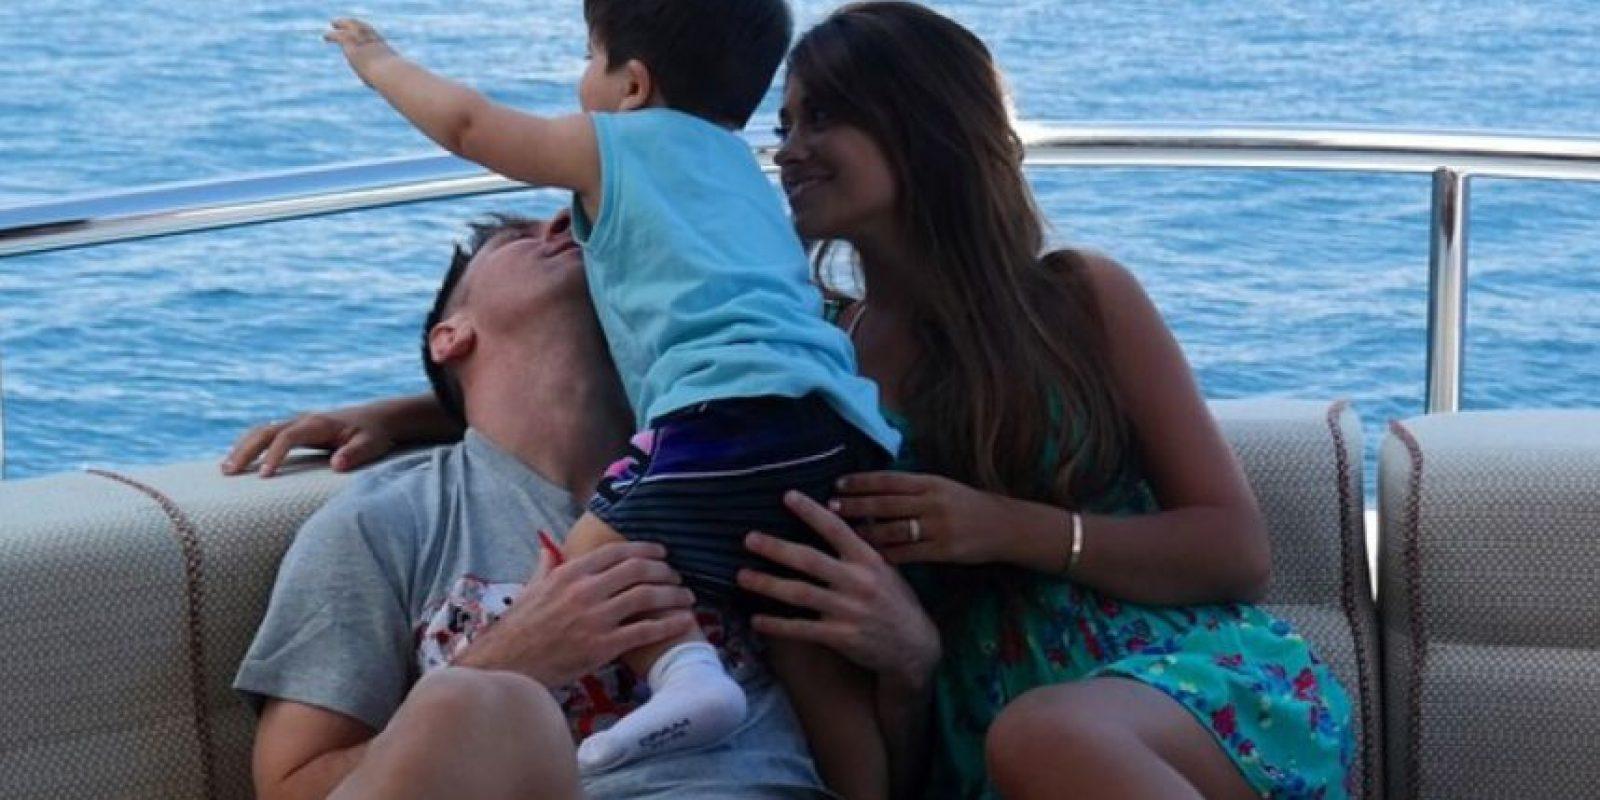 Es el hermano menor de Thiago Foto:Vía instagram.com/antonellaroccuzzo